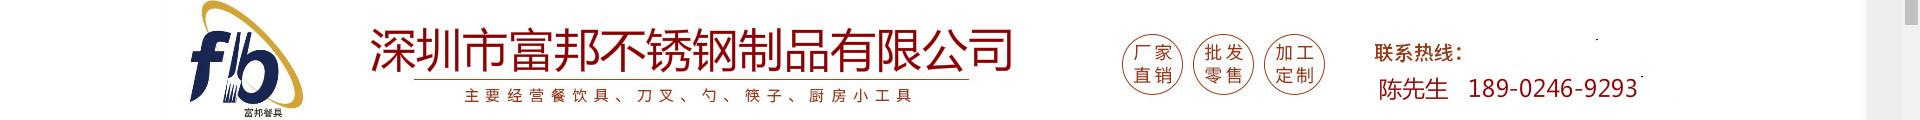 深圳市富邦不鏽鋼製品有限公司